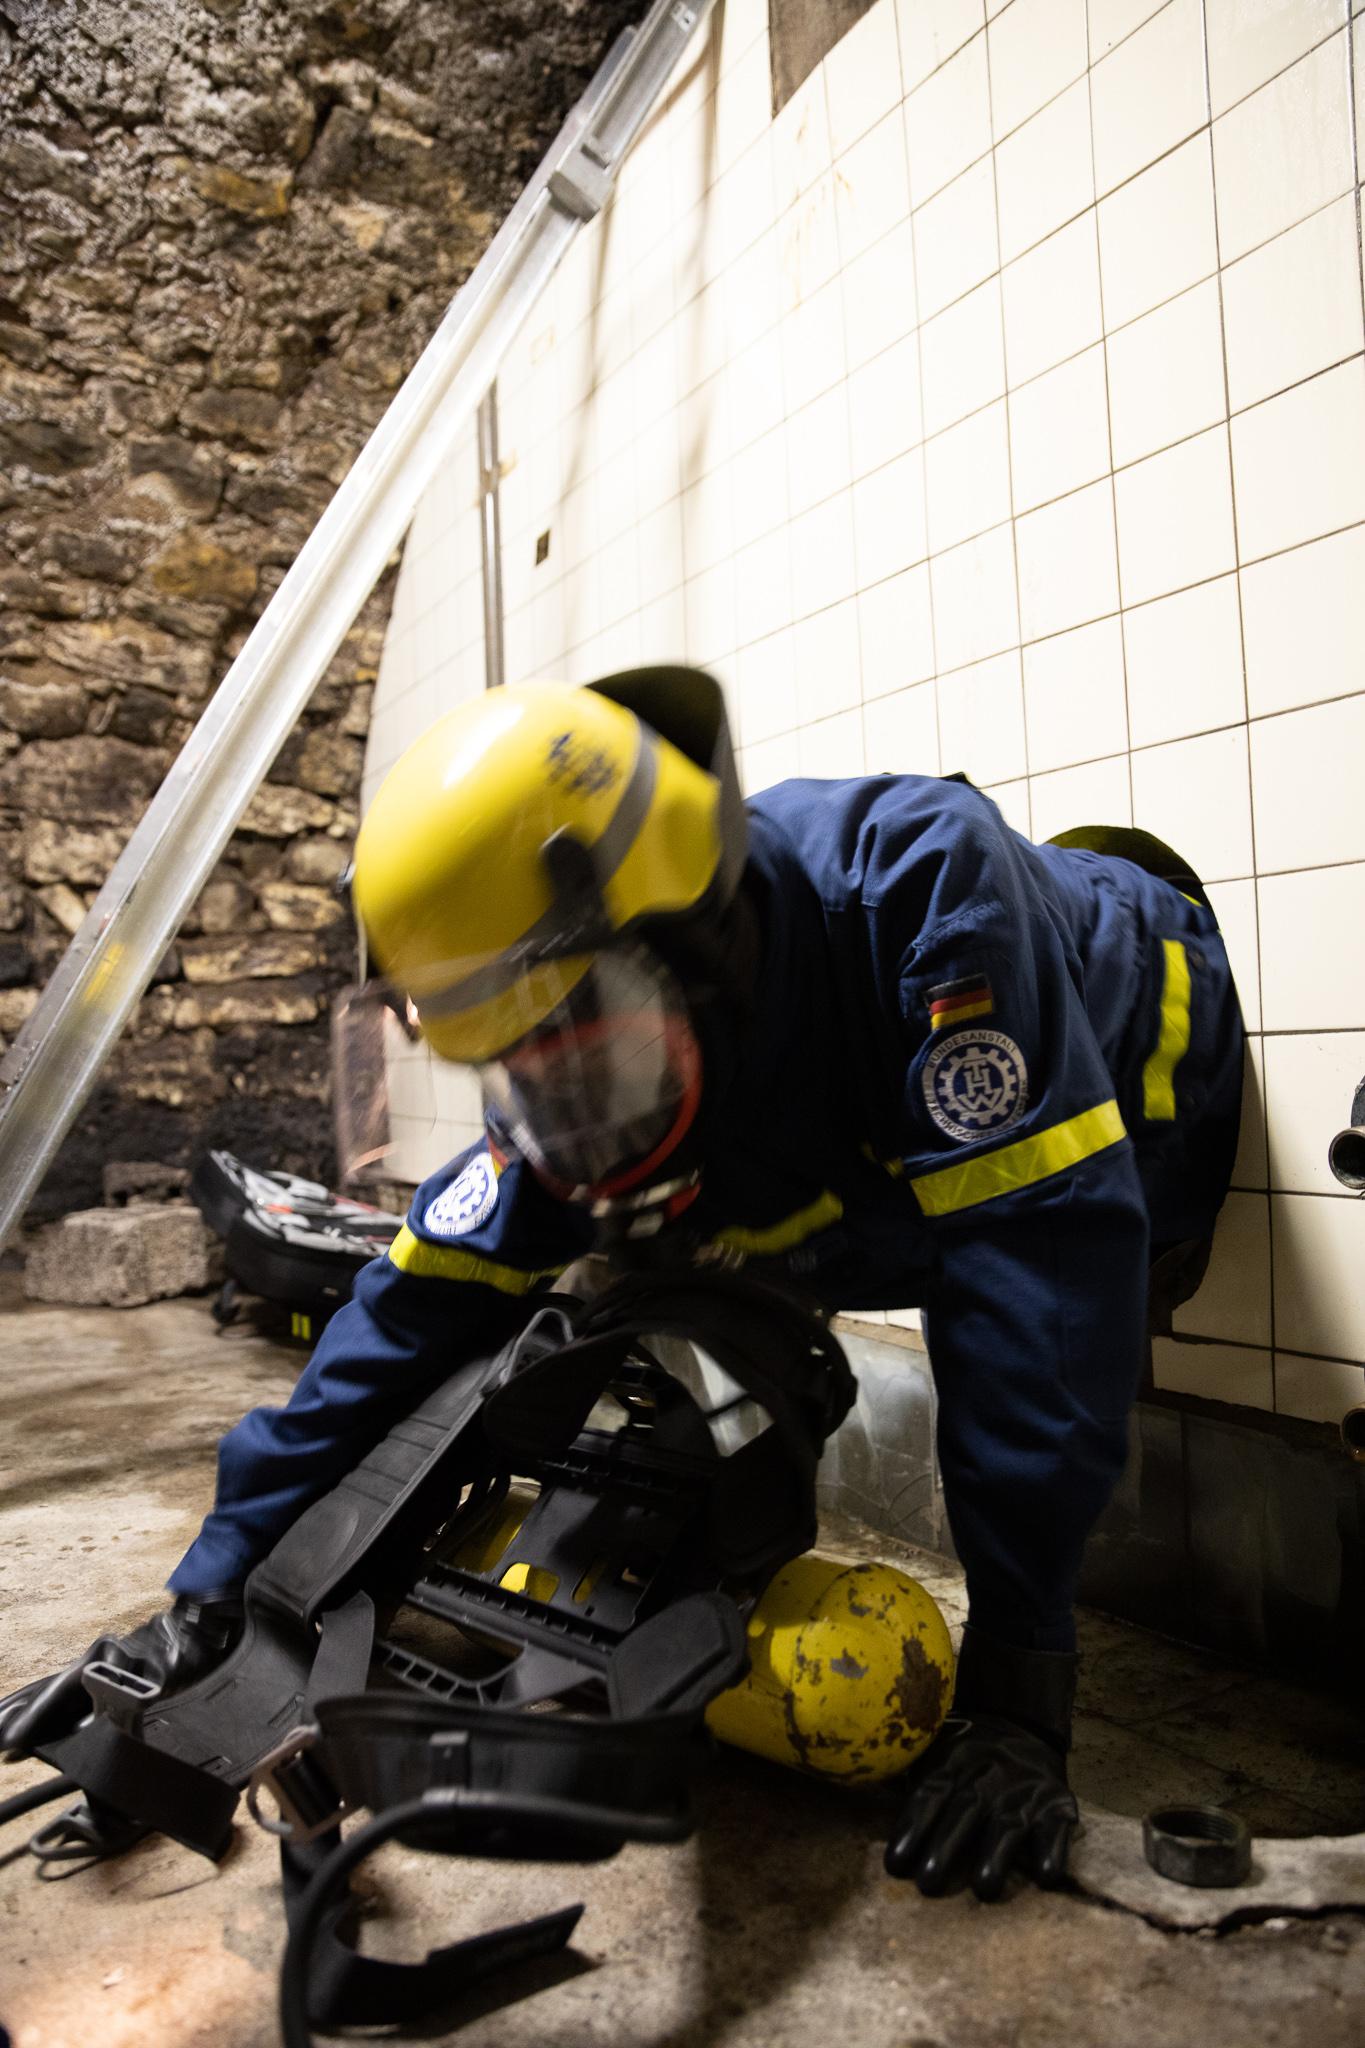 FeuerwehrSim 2019 Weinkeller-9